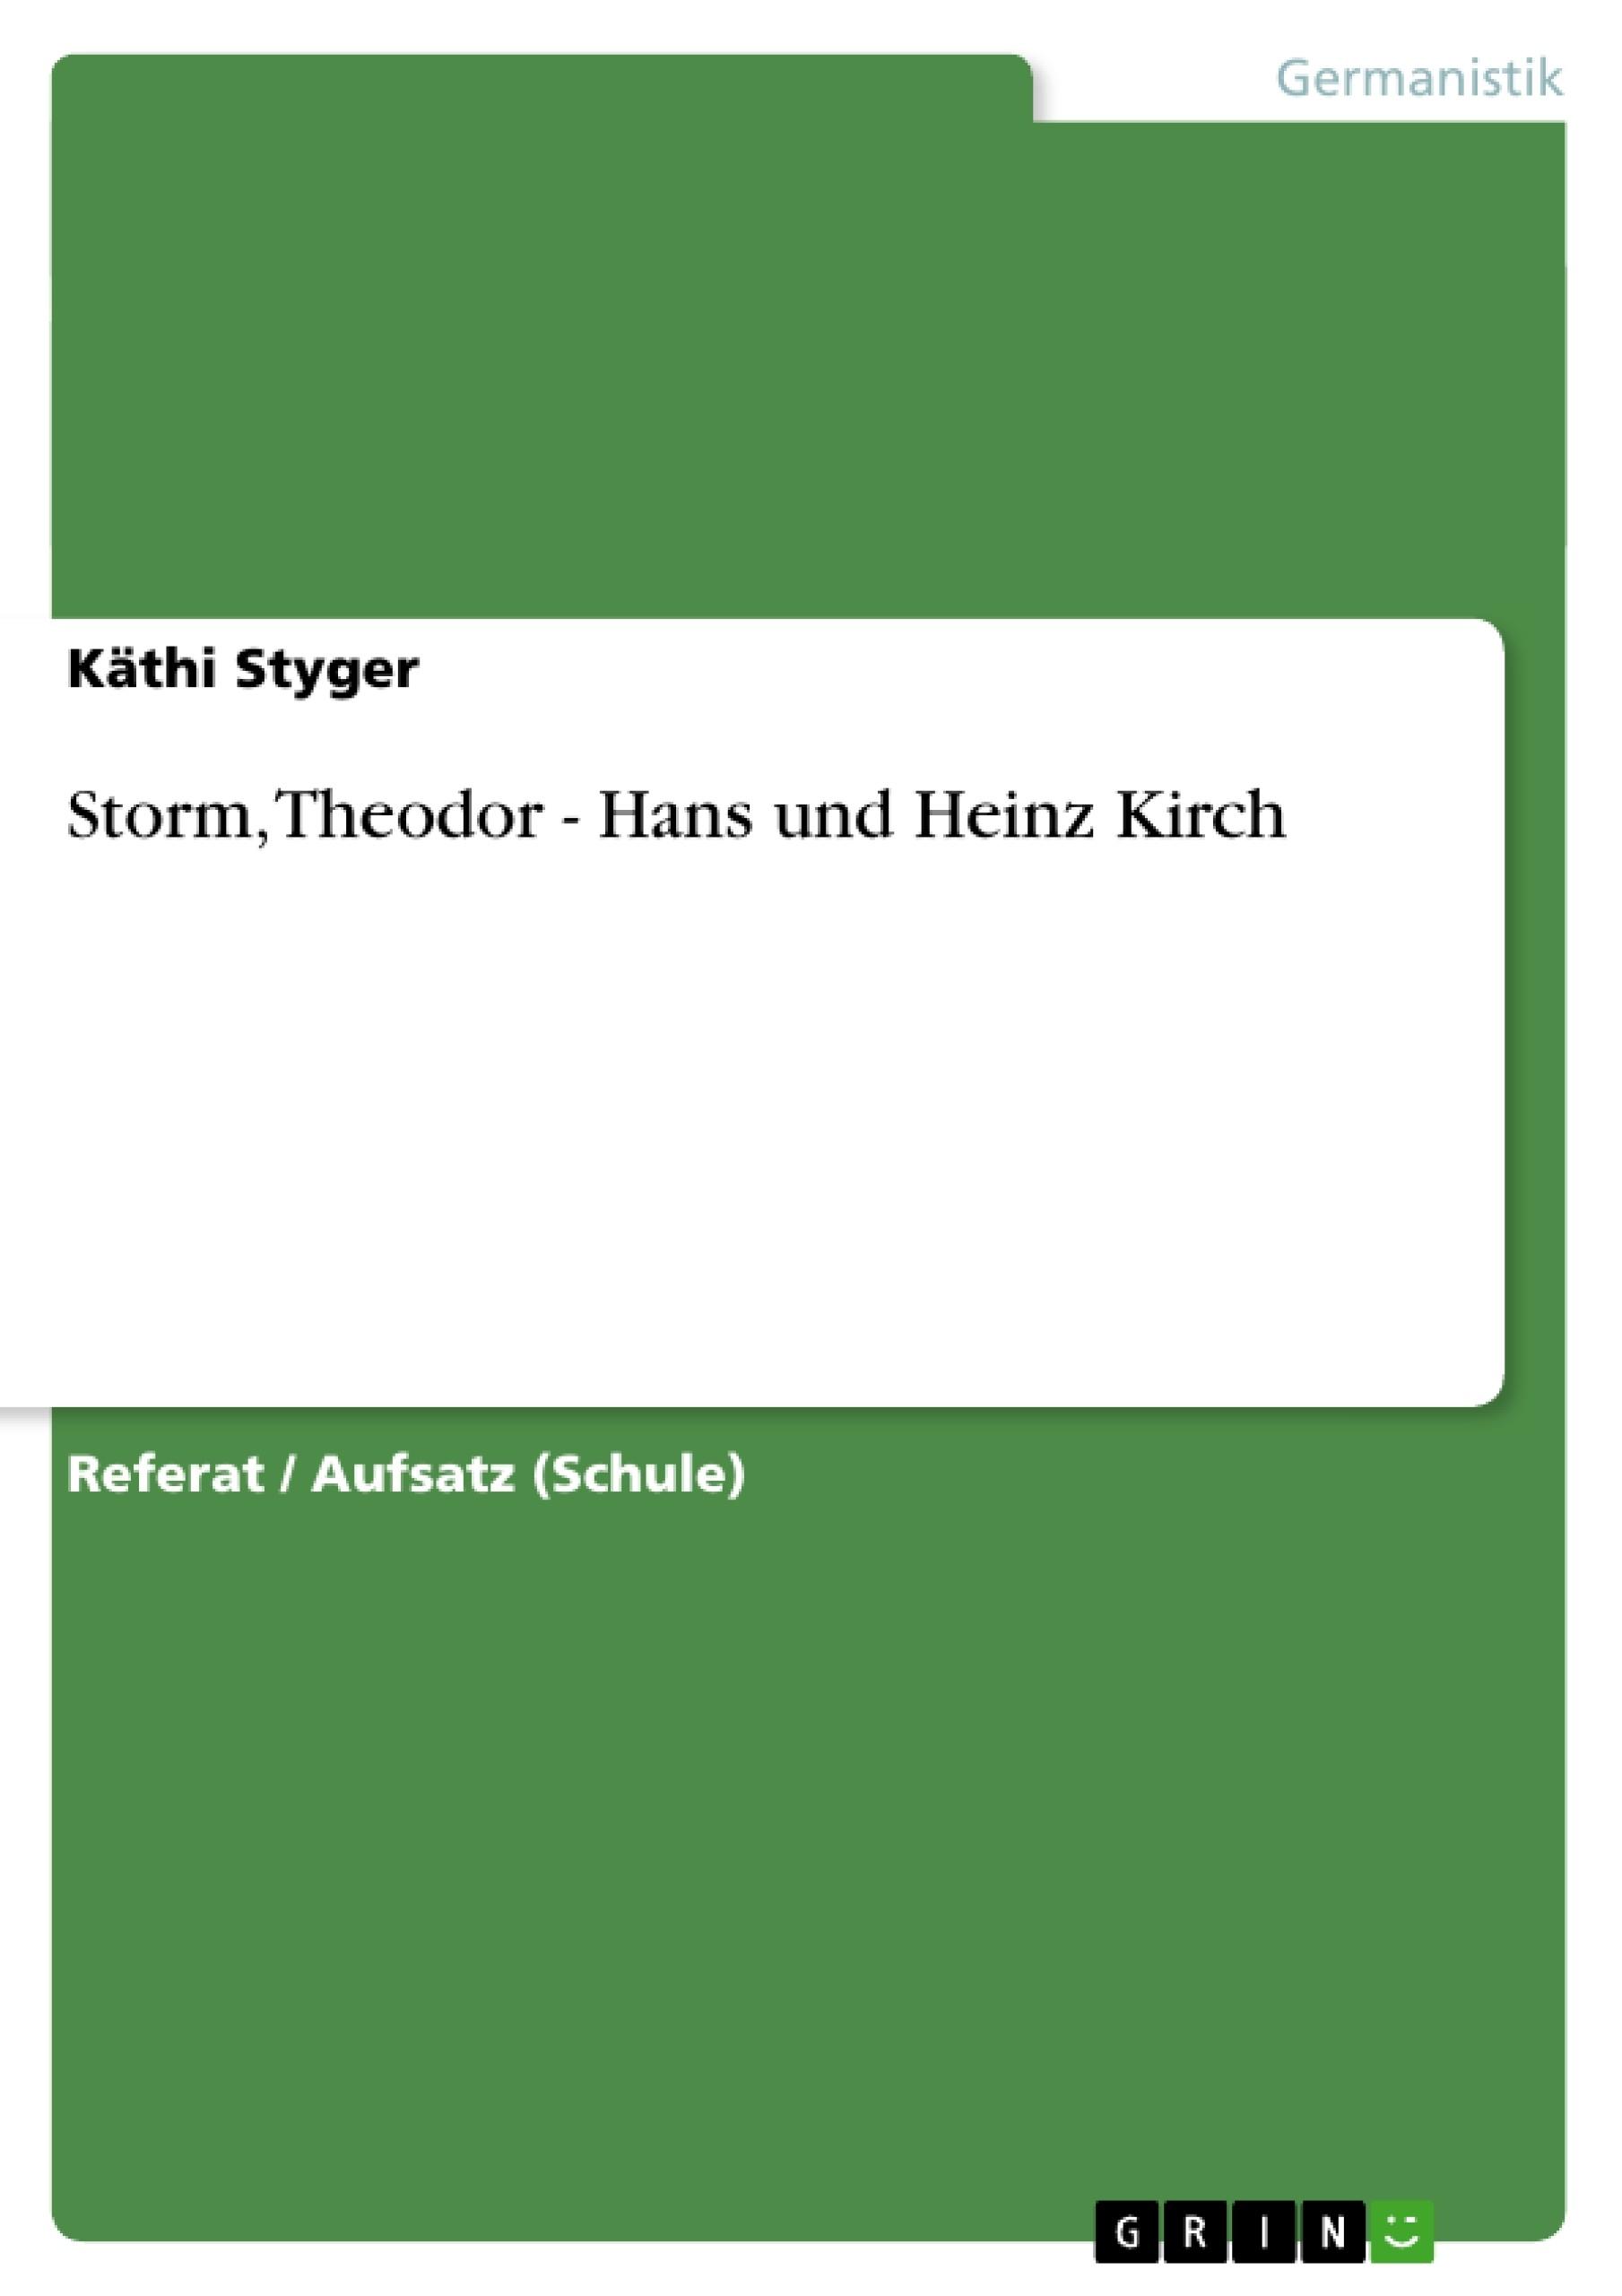 Titel: Storm, Theodor - Hans und Heinz Kirch